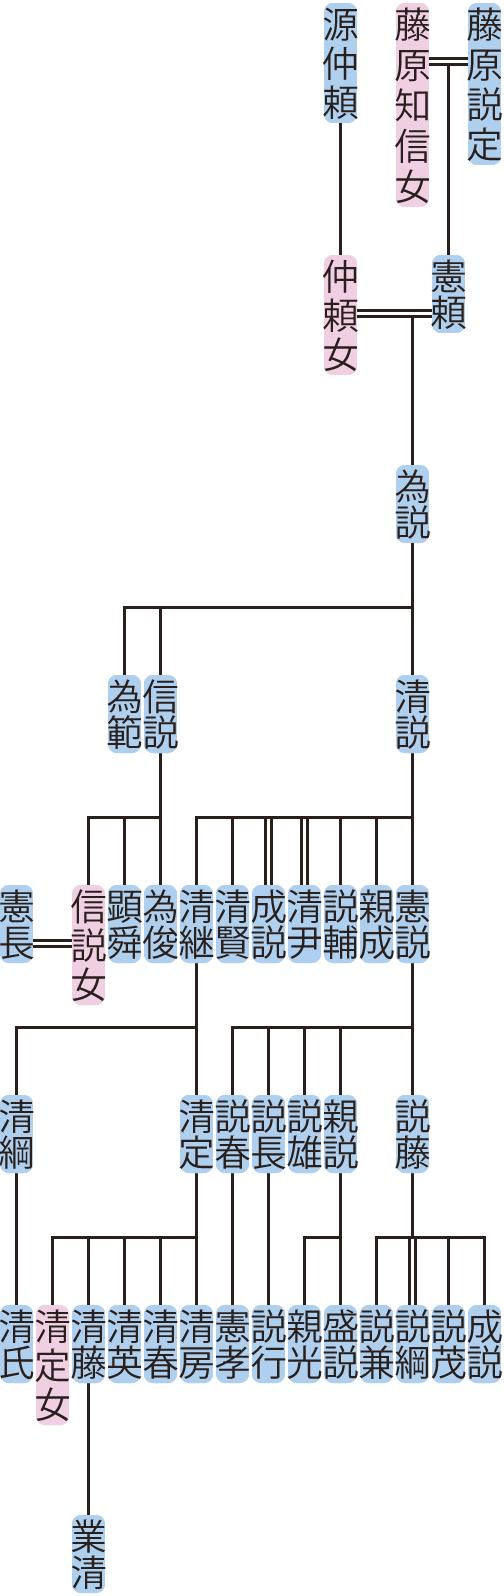 藤原為説の系図